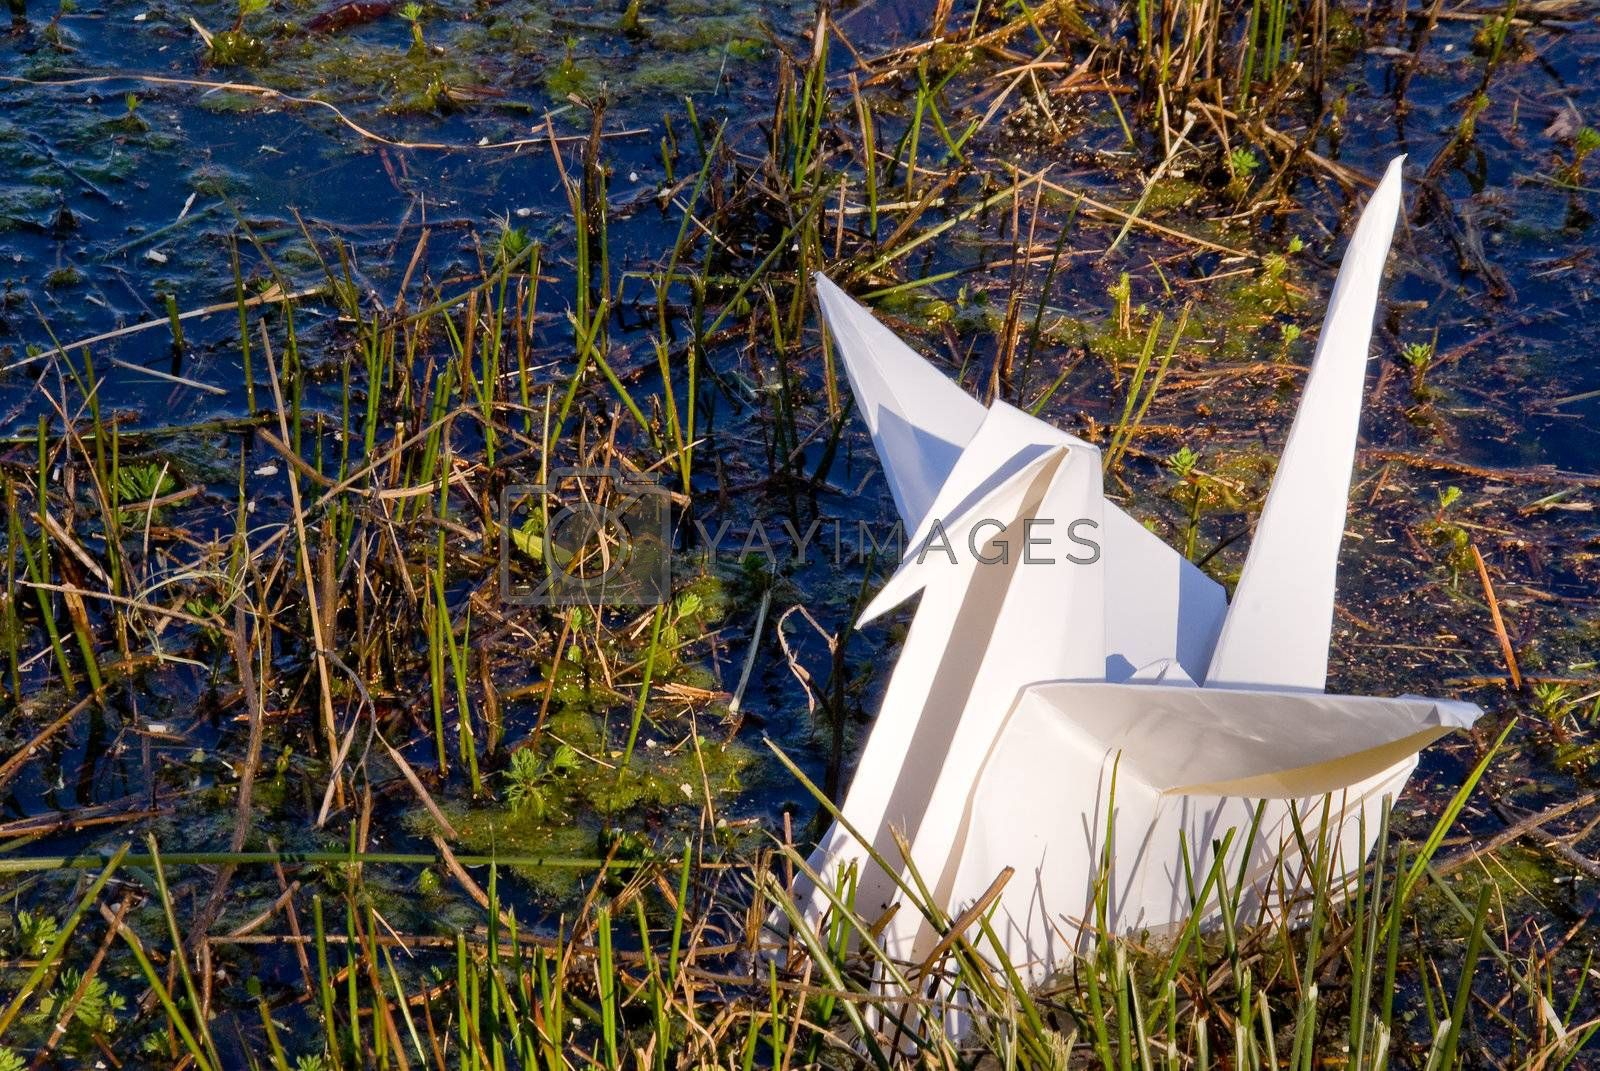 A paper oragami crane in a body of water.